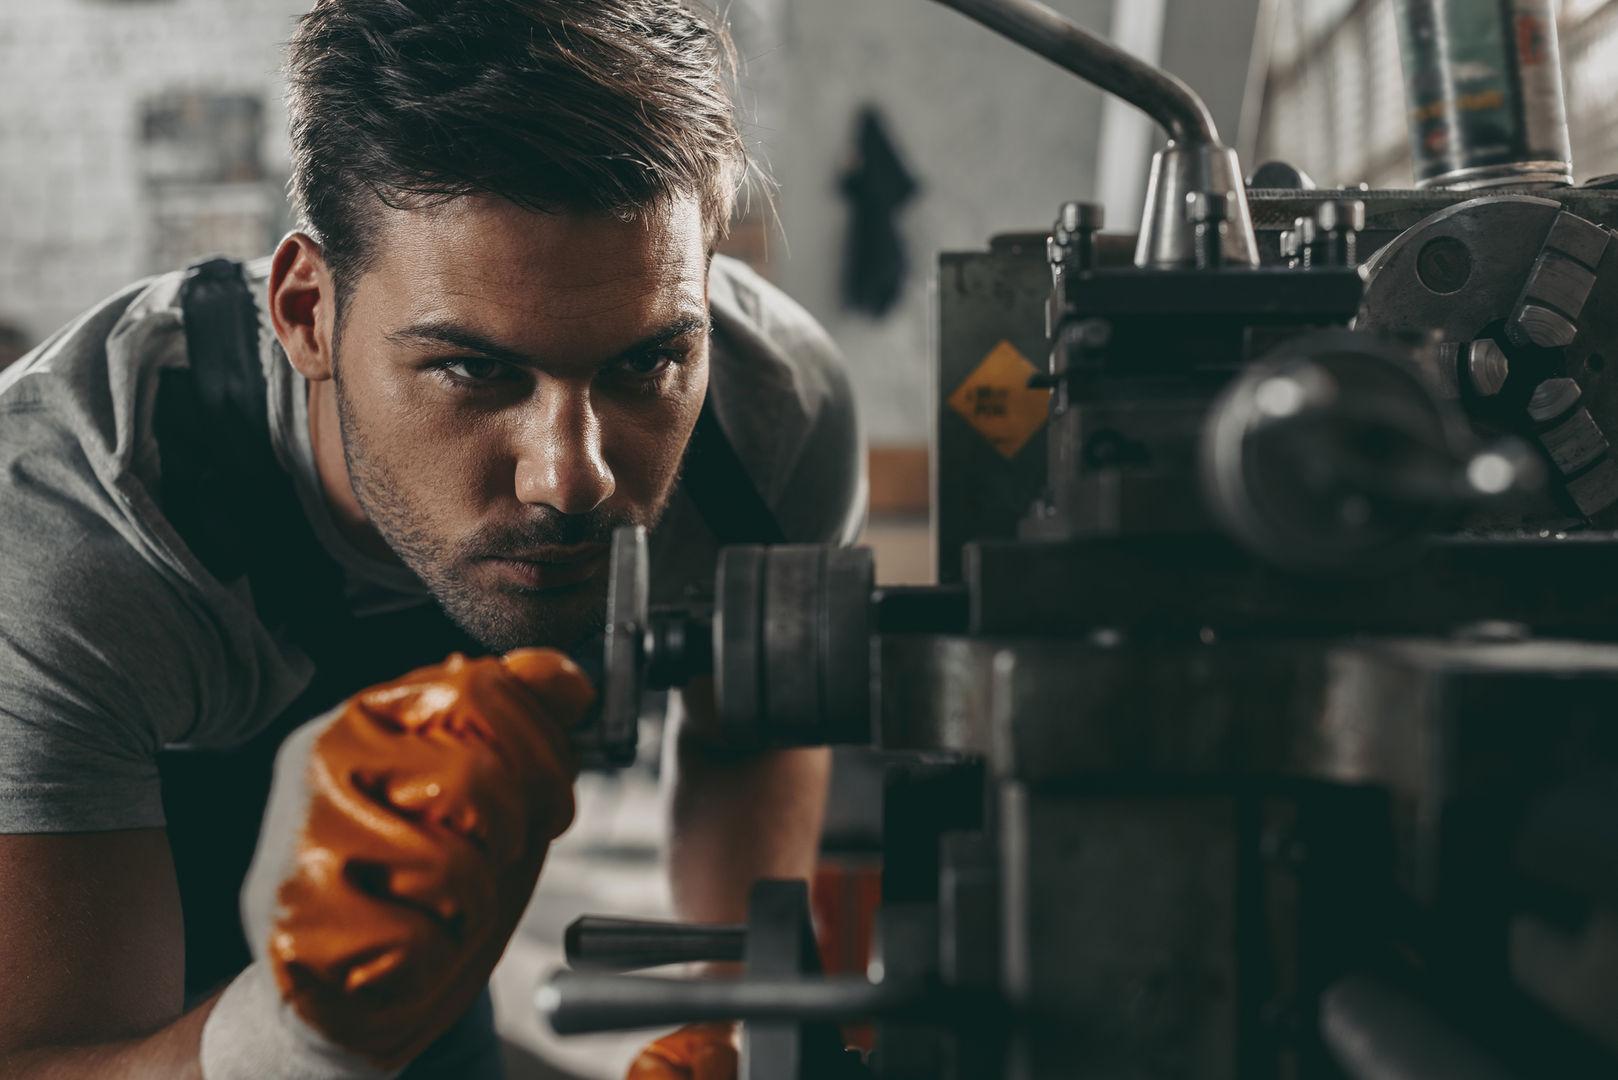 Motywowanie pracowników produkcyjnych z pomocą oprogramowania do zarządzania produkcją.